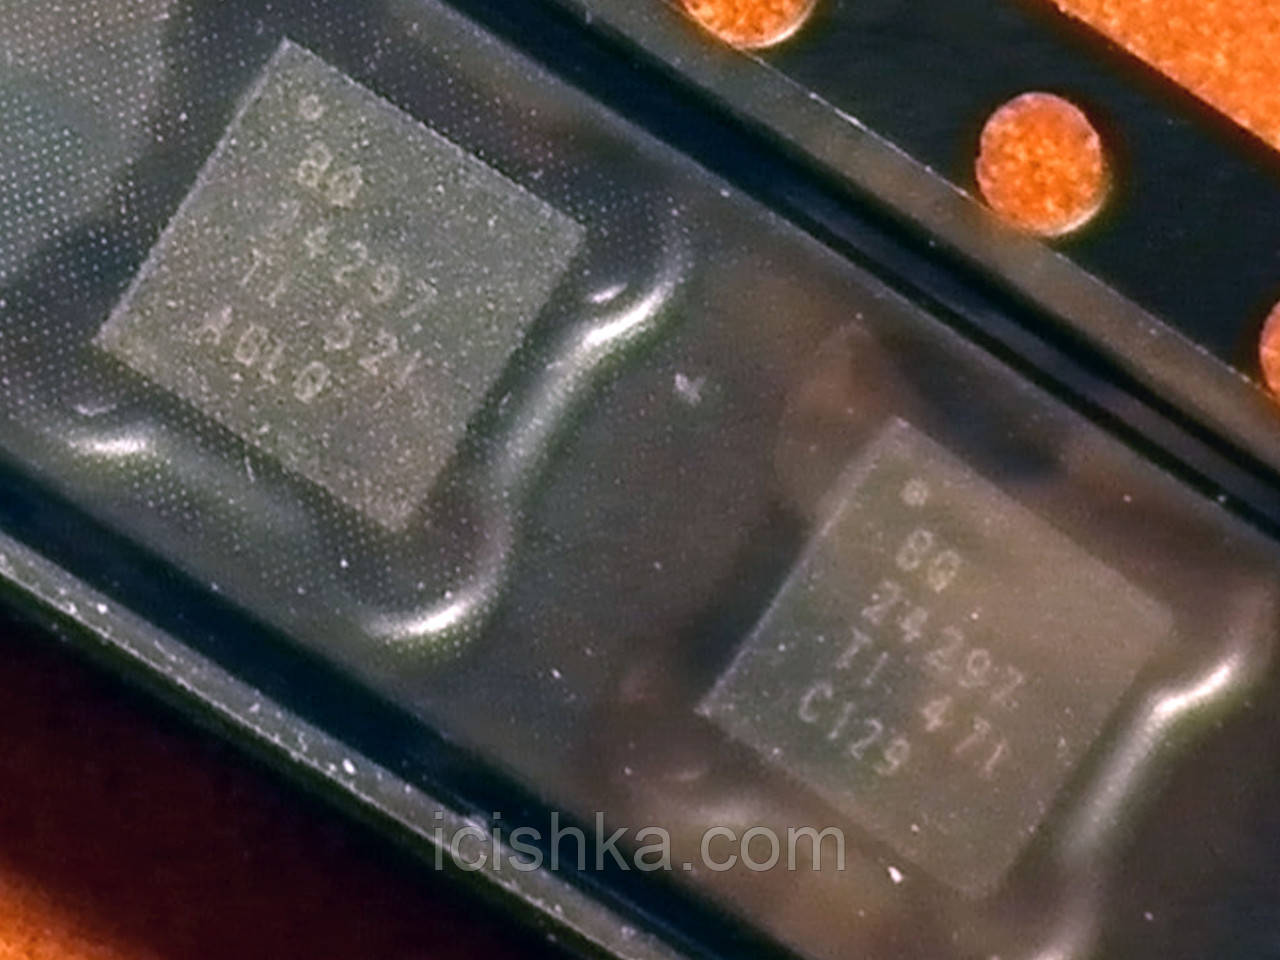 BQ24296M QFN24 - контролер заряду і OTG